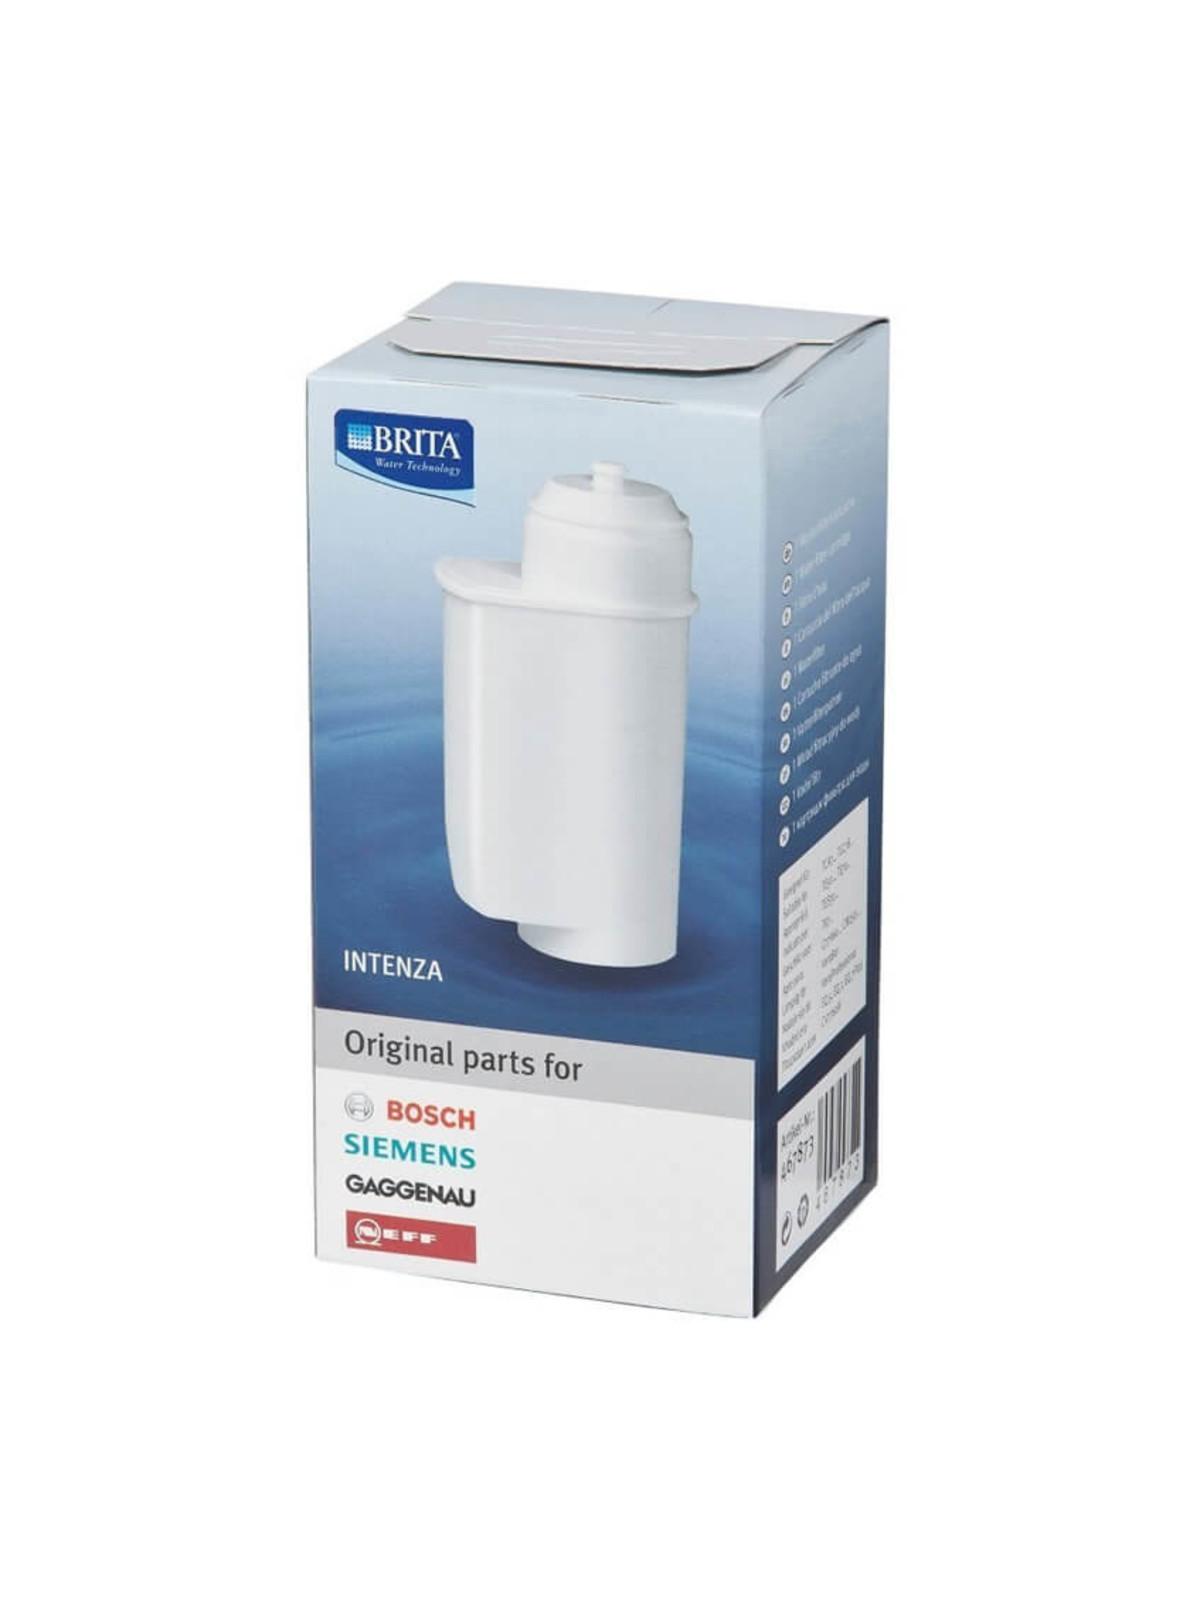 SIEMENS BOSCH Brita Intenza Water Filter